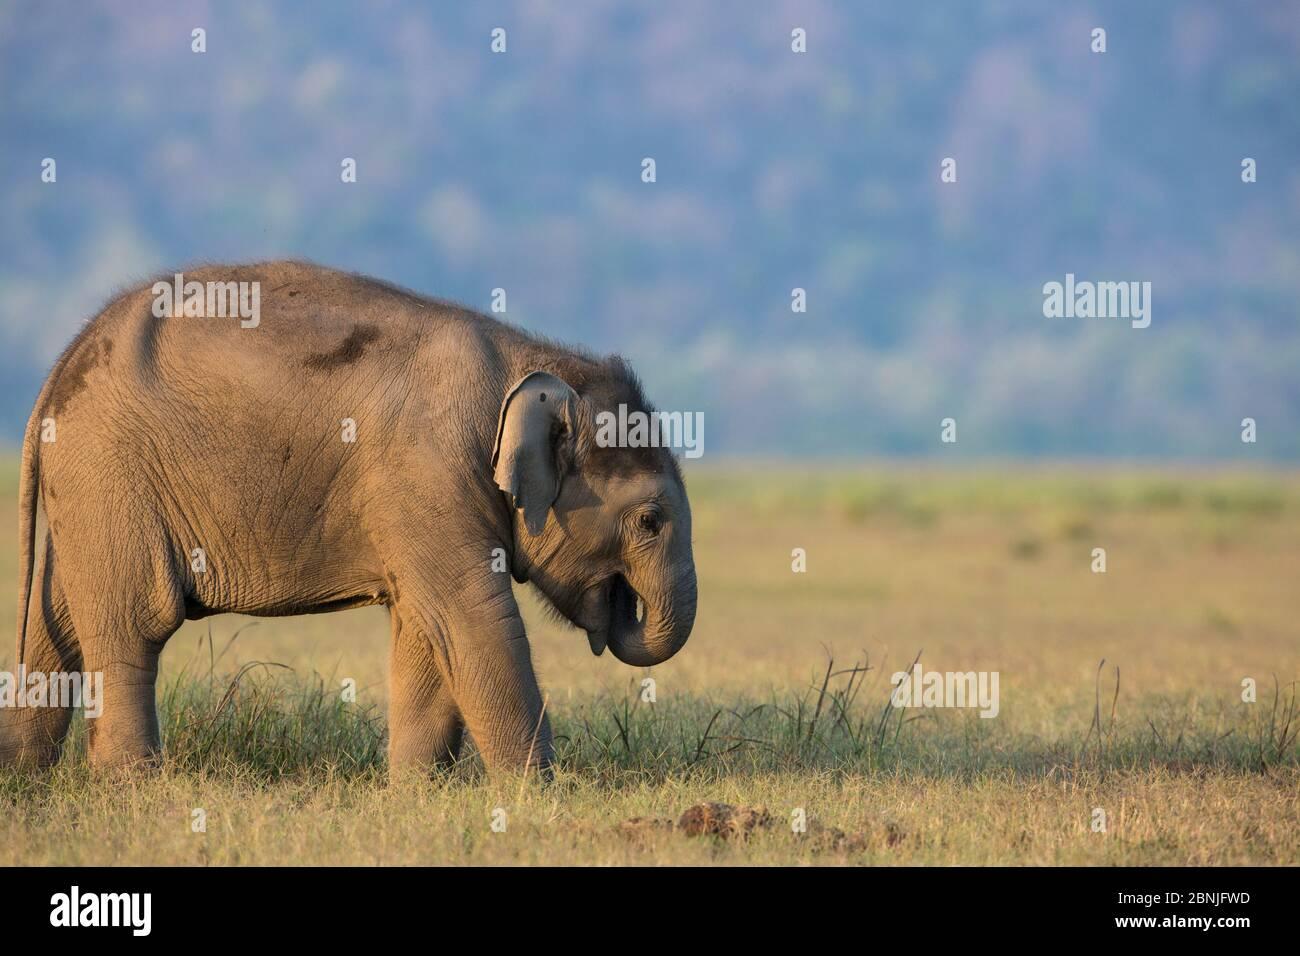 Elefante asiatico (Elephas maximus), giovane vitello che si nutre sull'erba, Jim Corbett National Park, India. Foto Stock